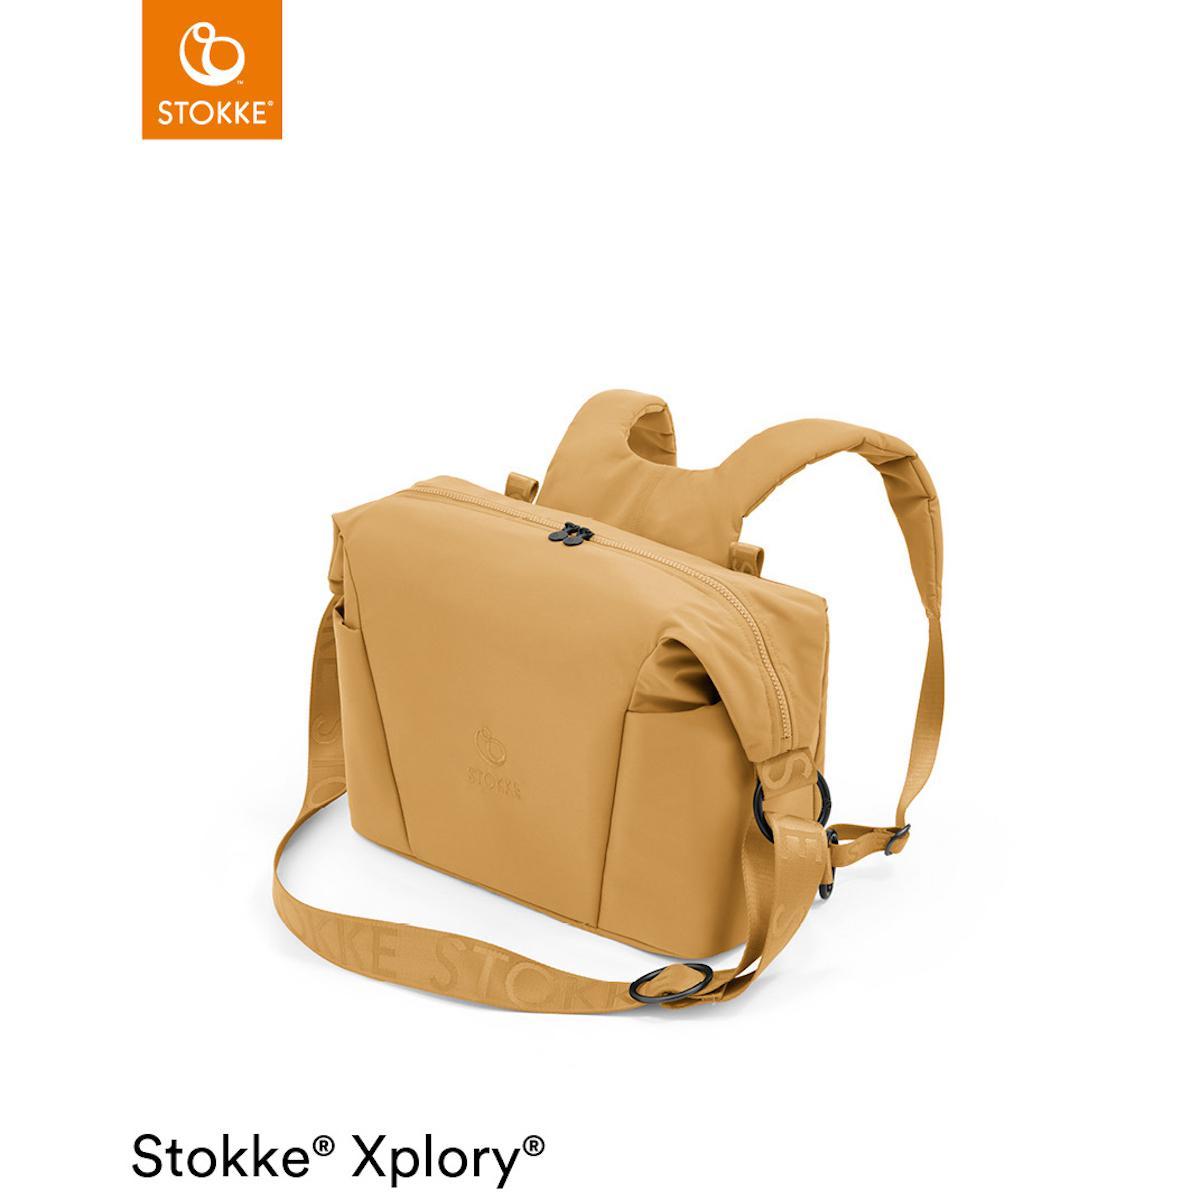 Wickeltasche XPLORY X Stokke Golden Yellow